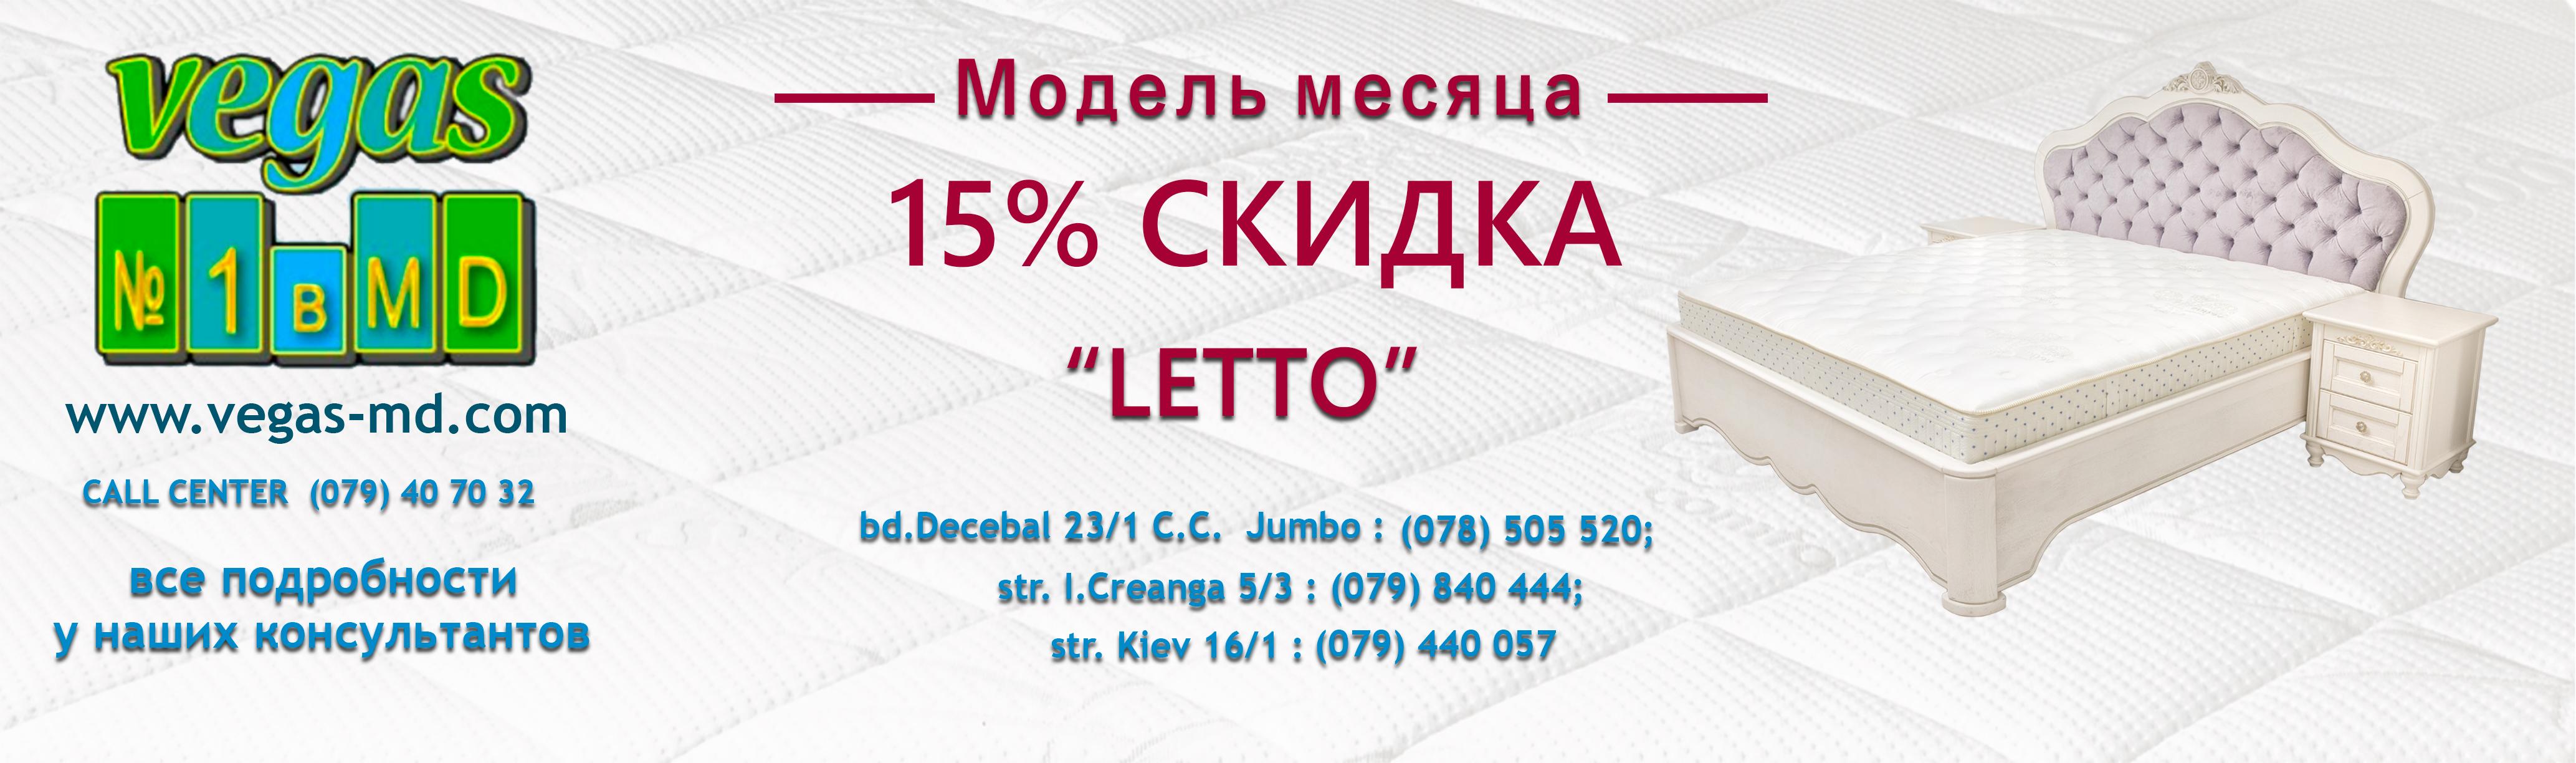 LETTO-1-2-RU